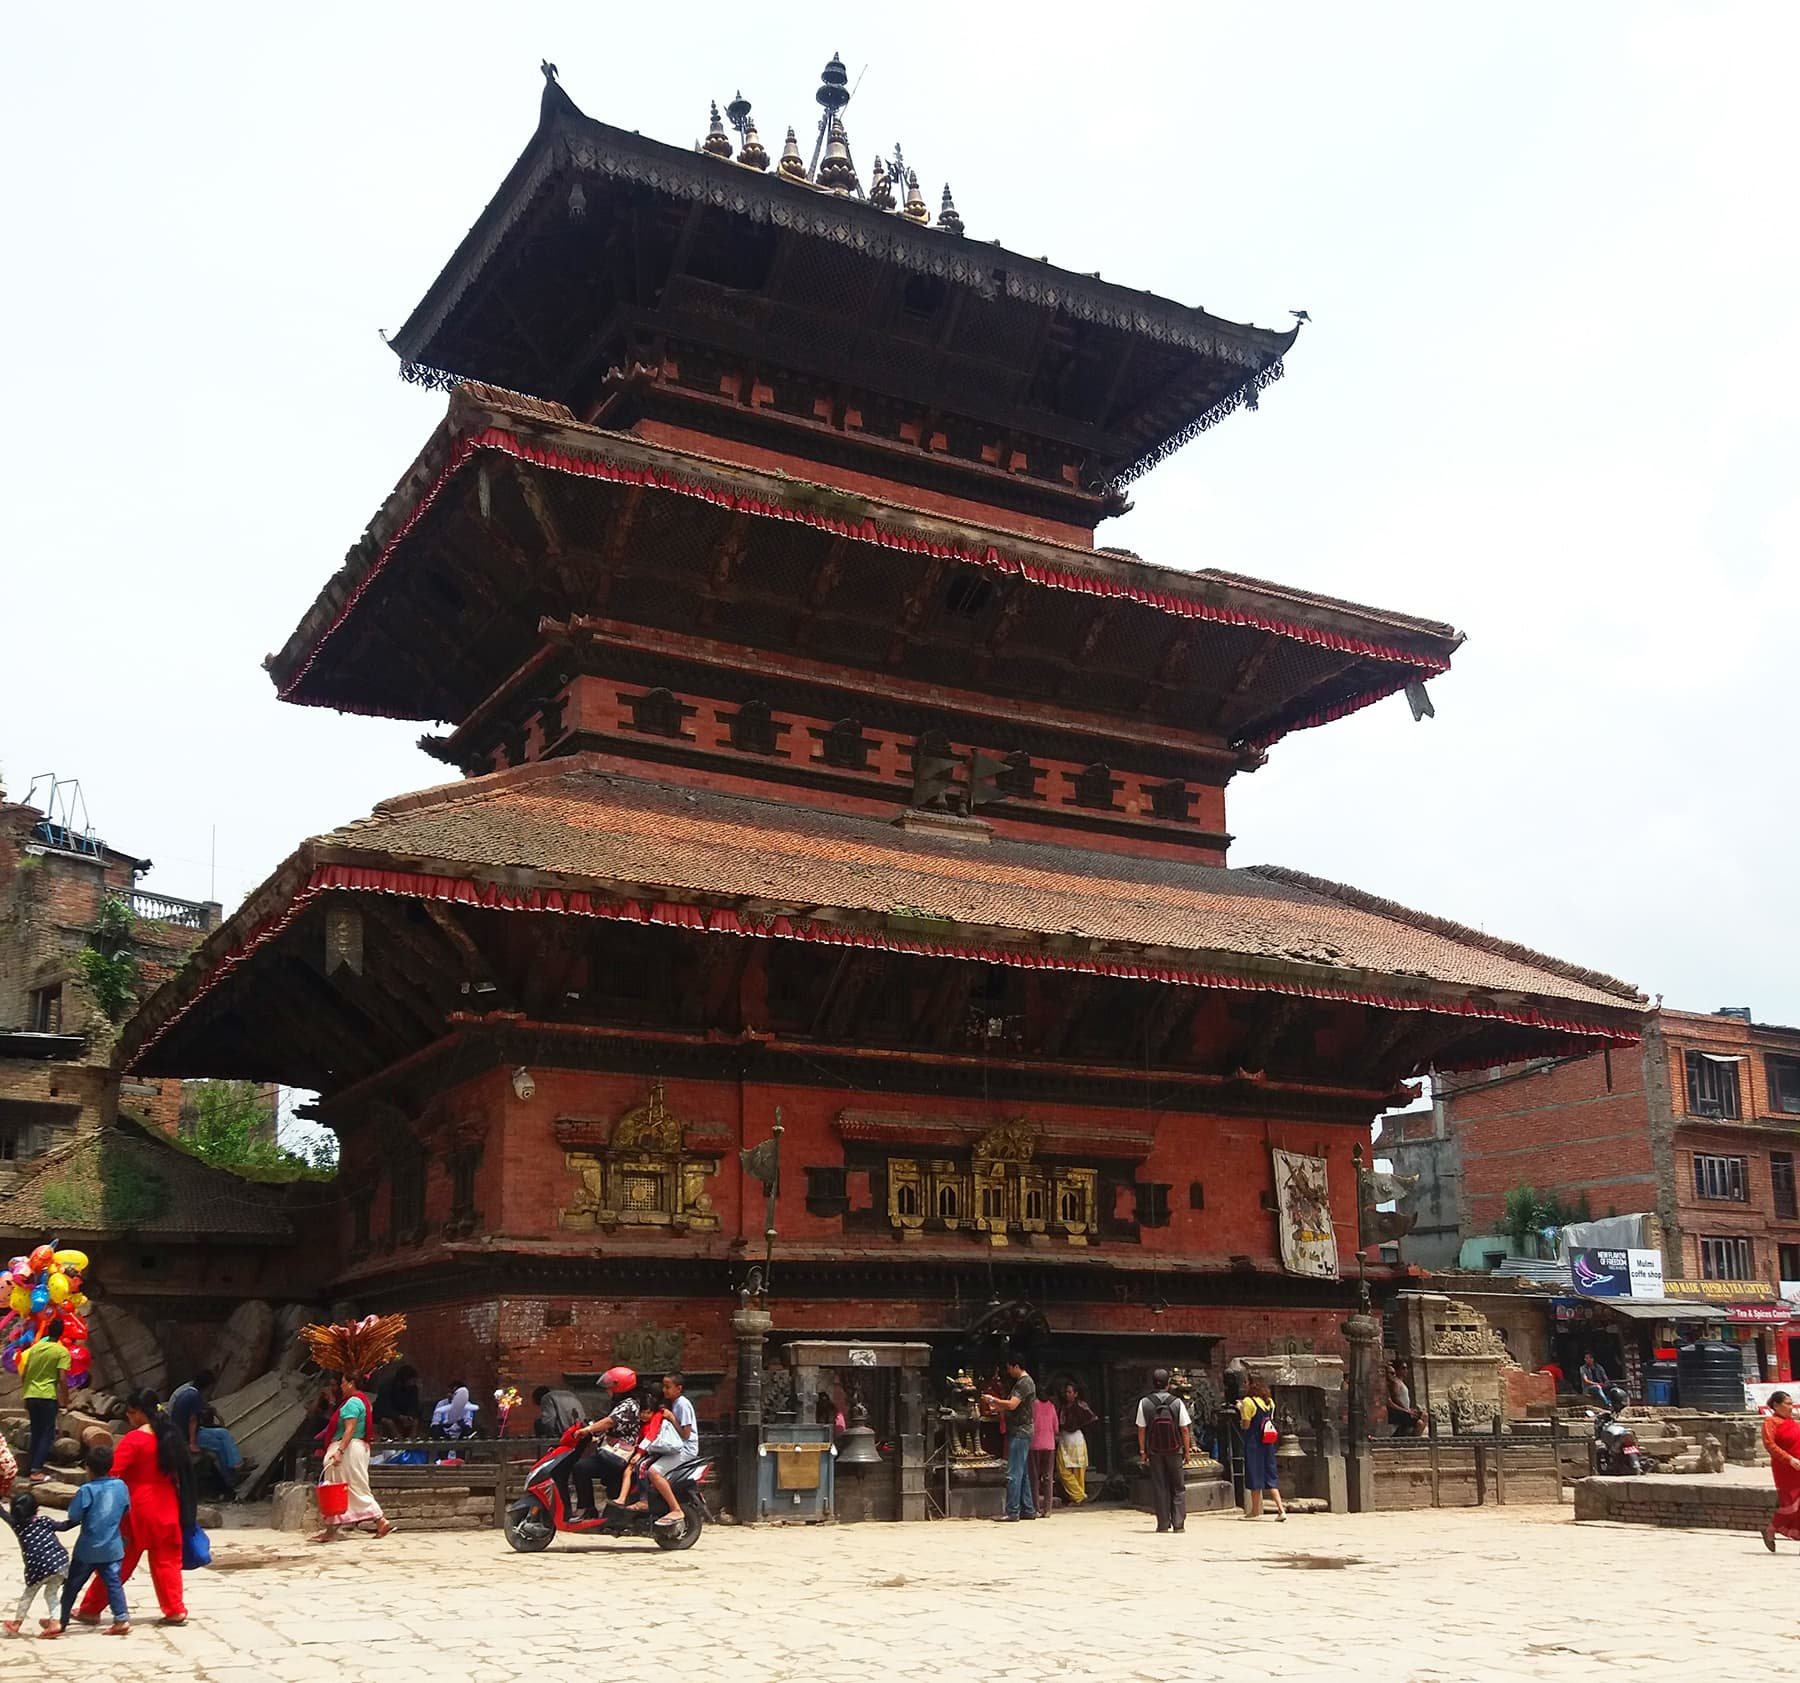 نیپال میں واقع ایک قدیم مندر—تصویر شبینہ فراز